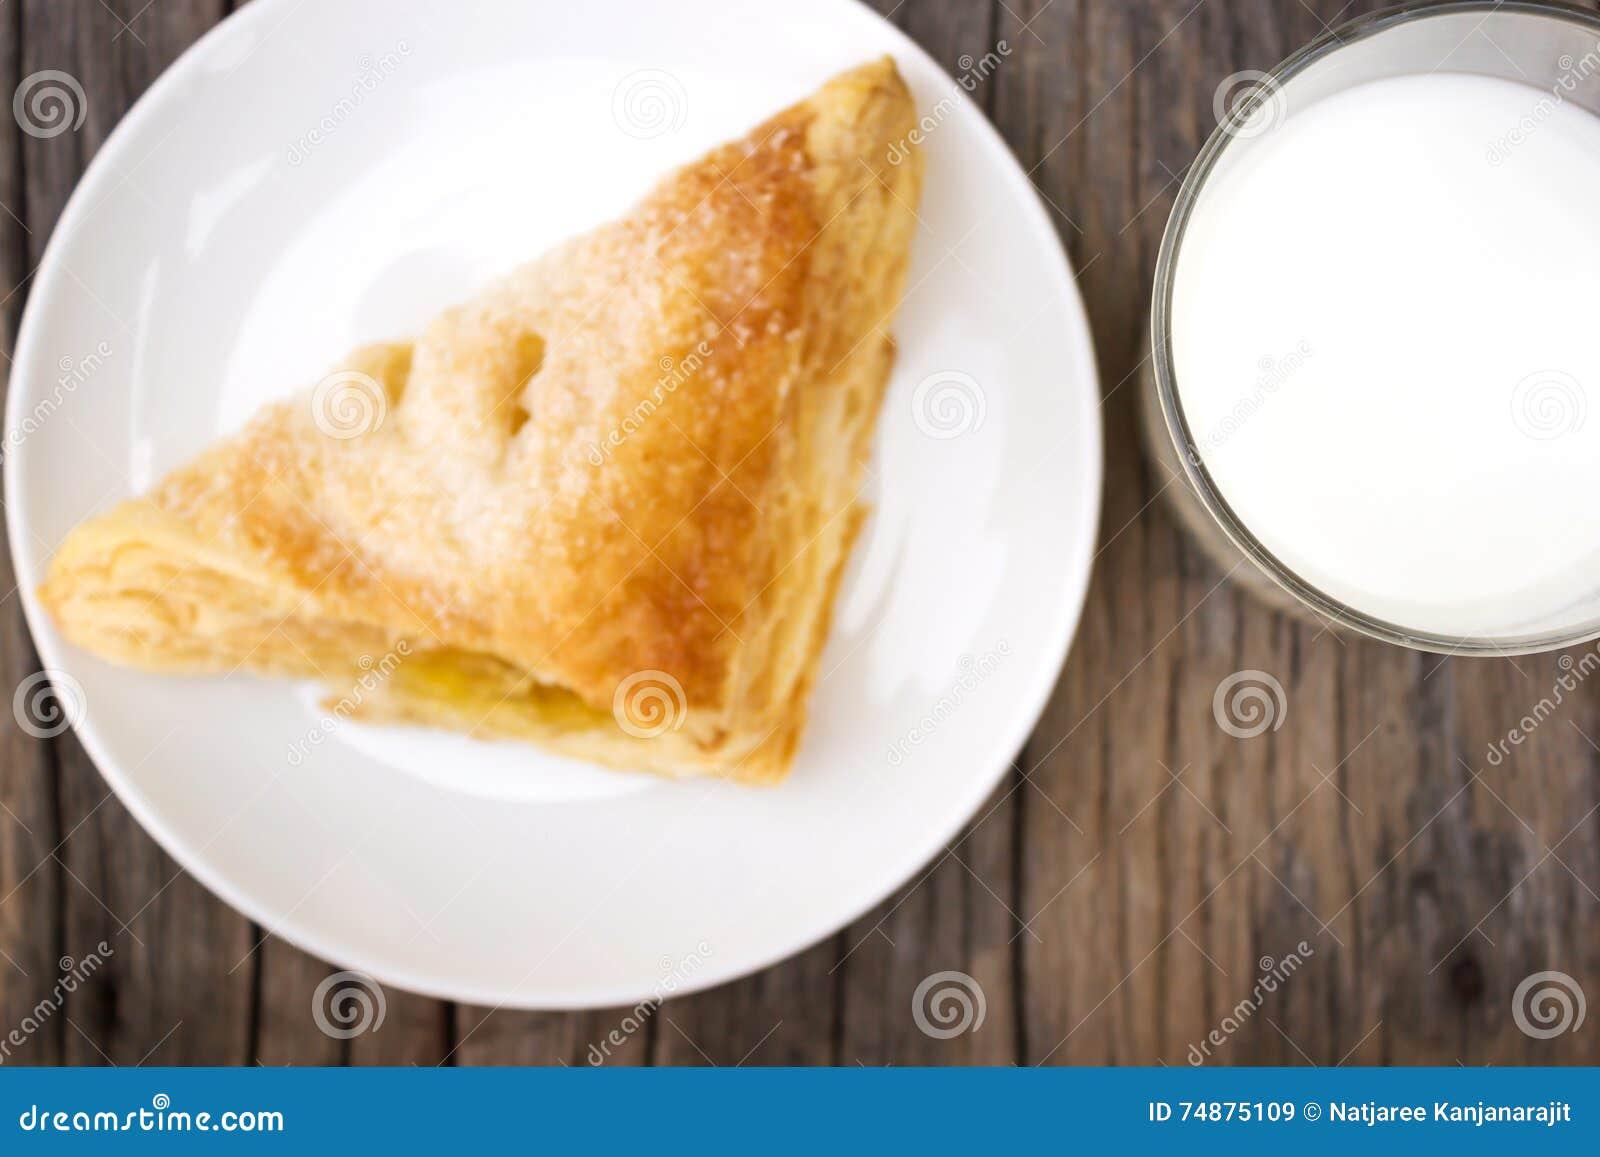 Vidro do leite com torta friável